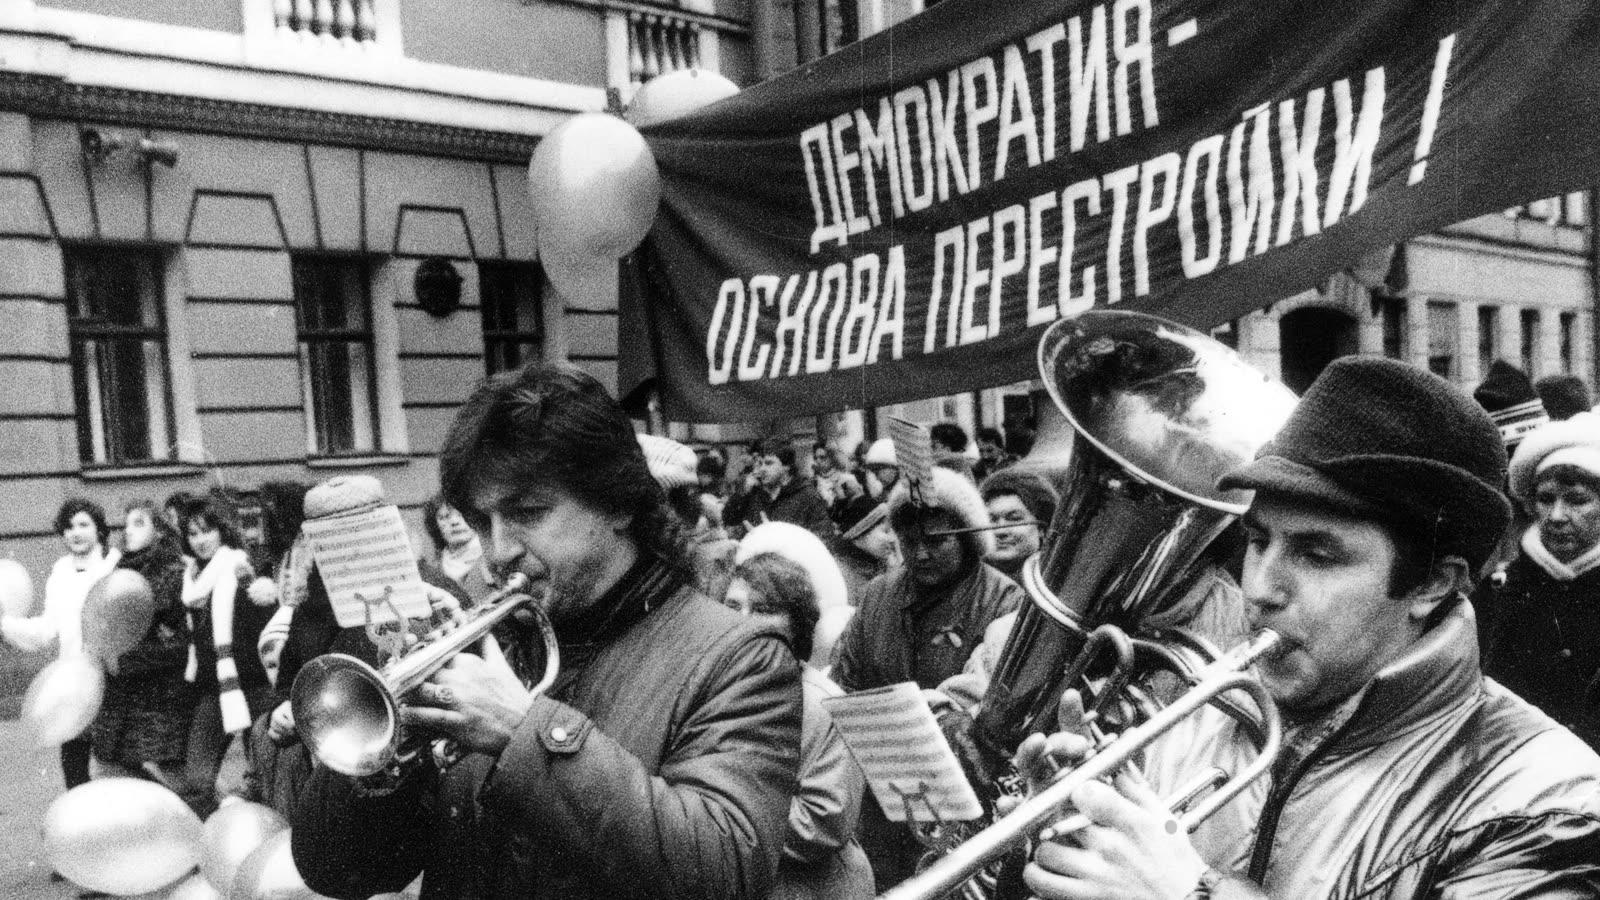 Демонстрация времен Перестройки.